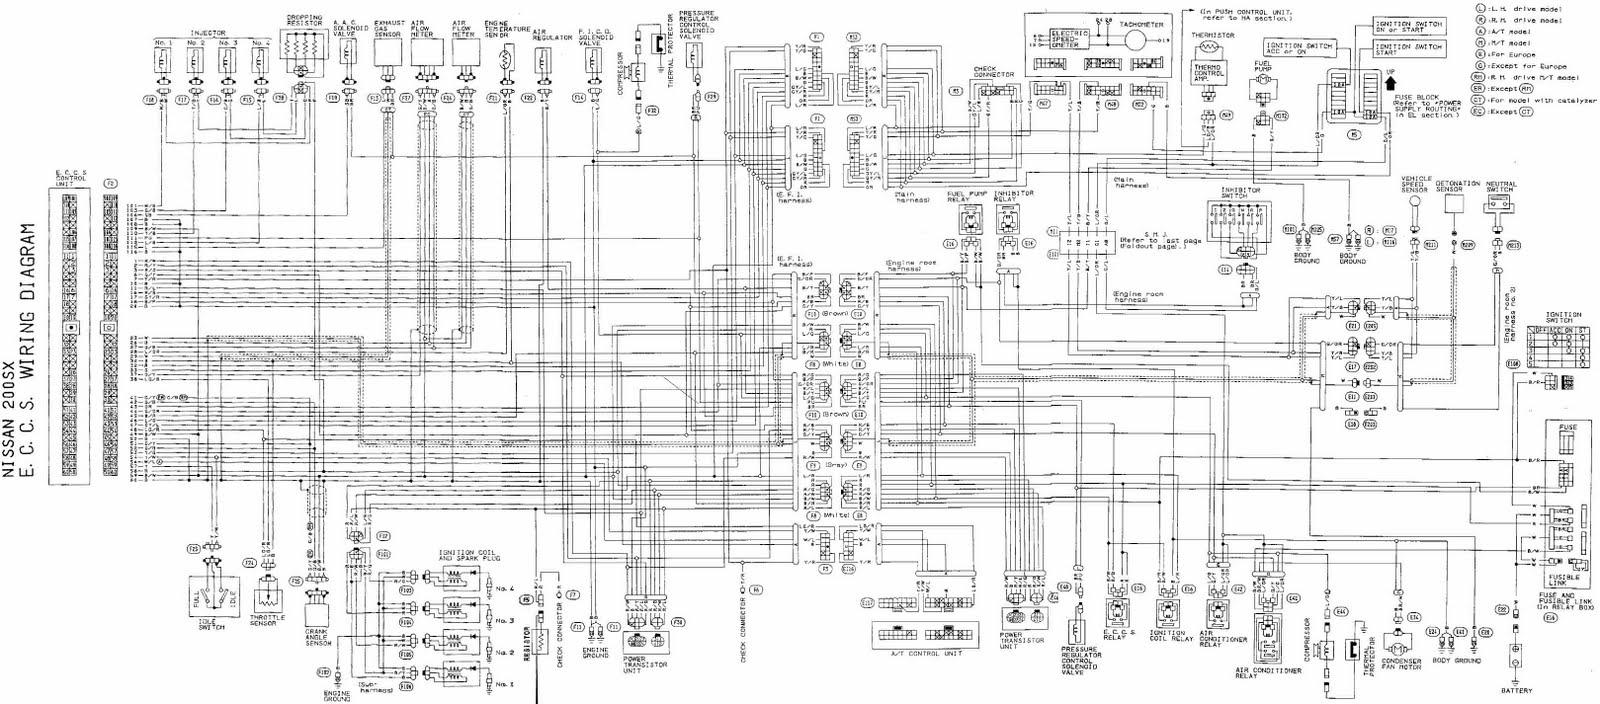 CIENCIA Y TECNOLOGÍA: Diagramas de circuito de Control Motor